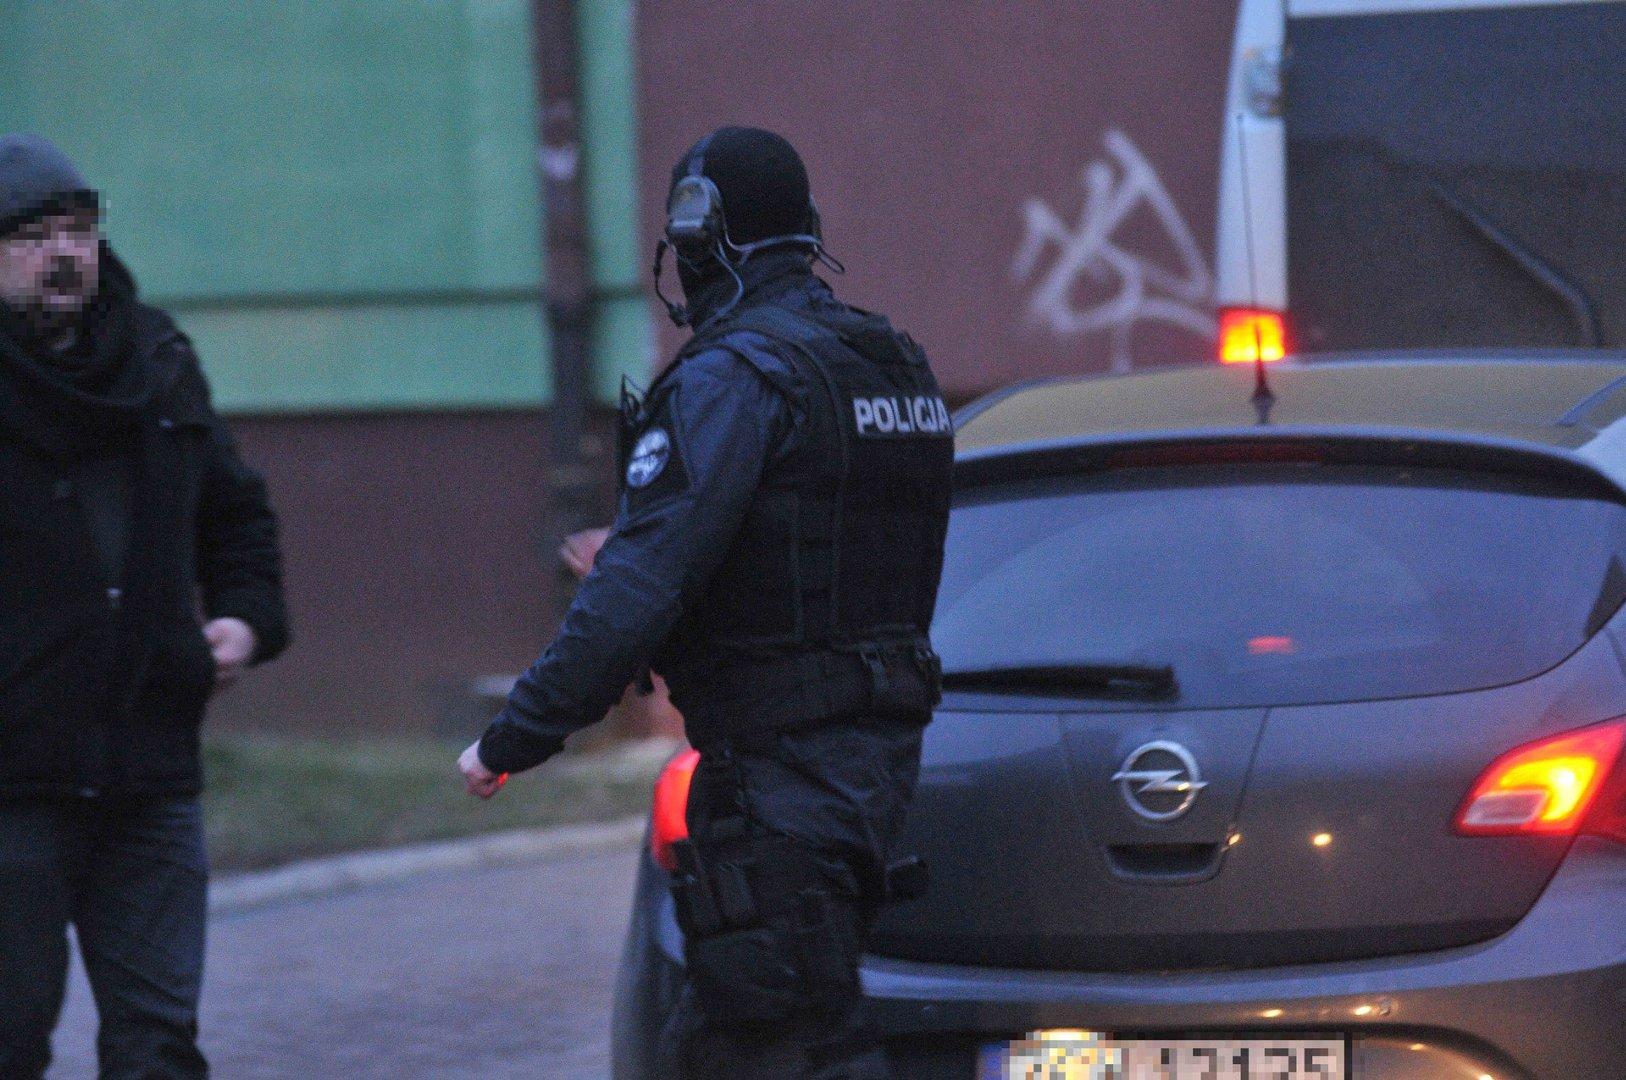 Akcja Policji W Centrum Kostrzyna Antyterroryści Zatrzymali